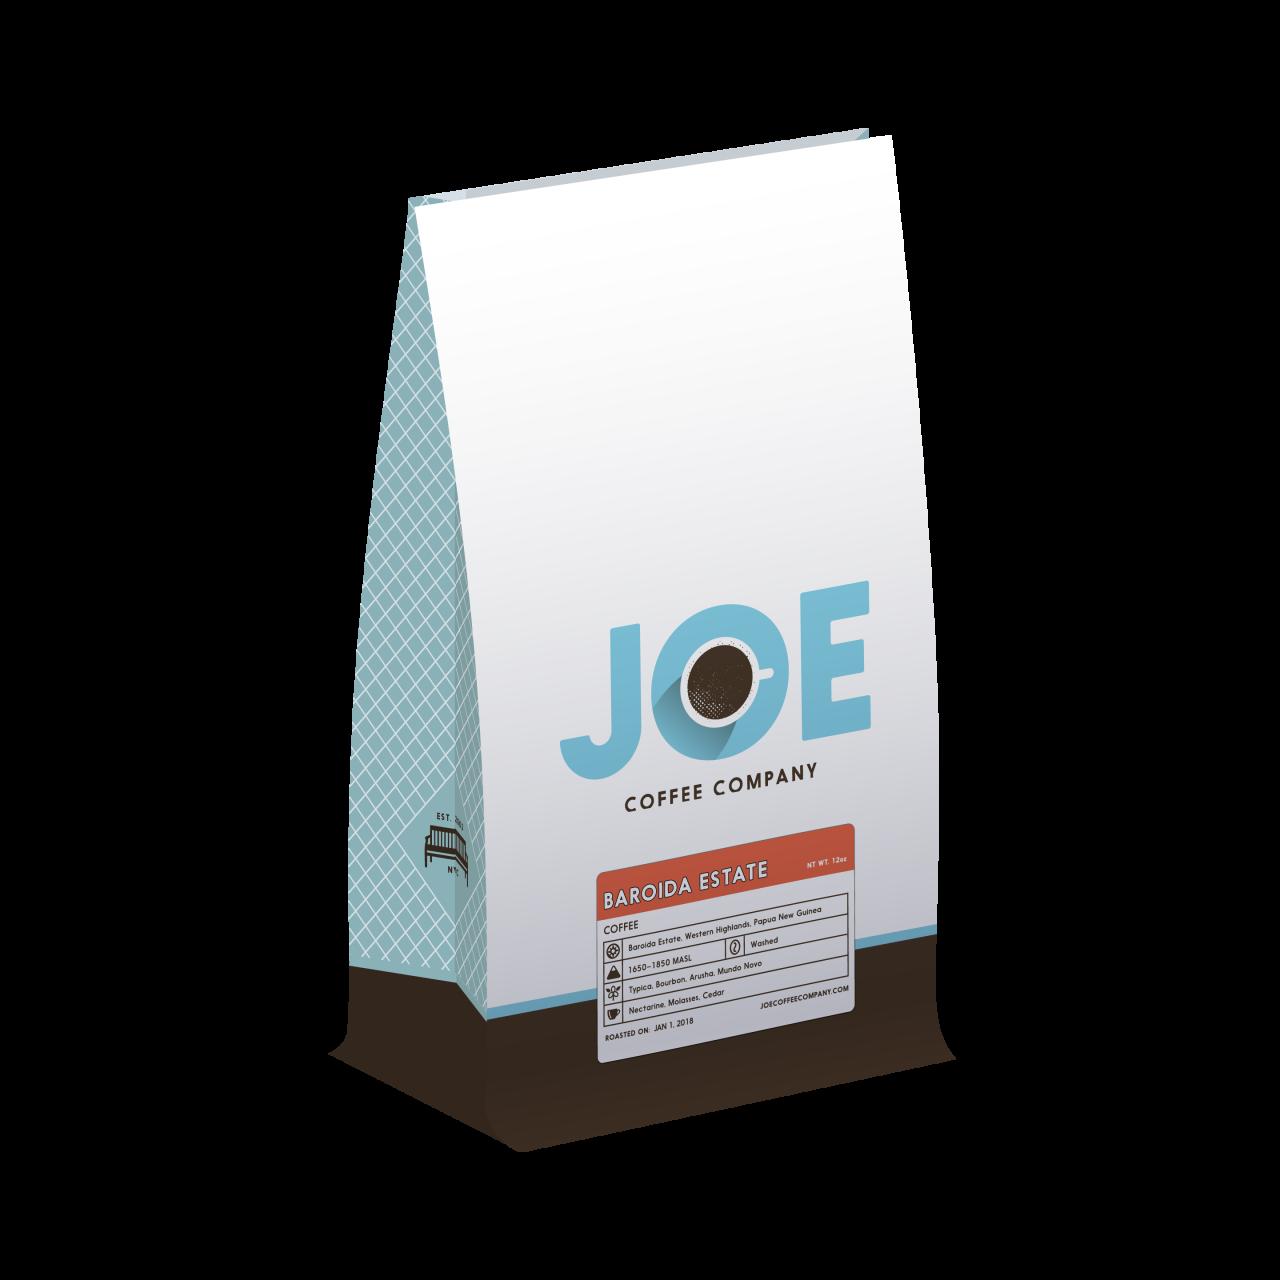 12oz bag of Papua New Guinea Baroida Estate Coffee